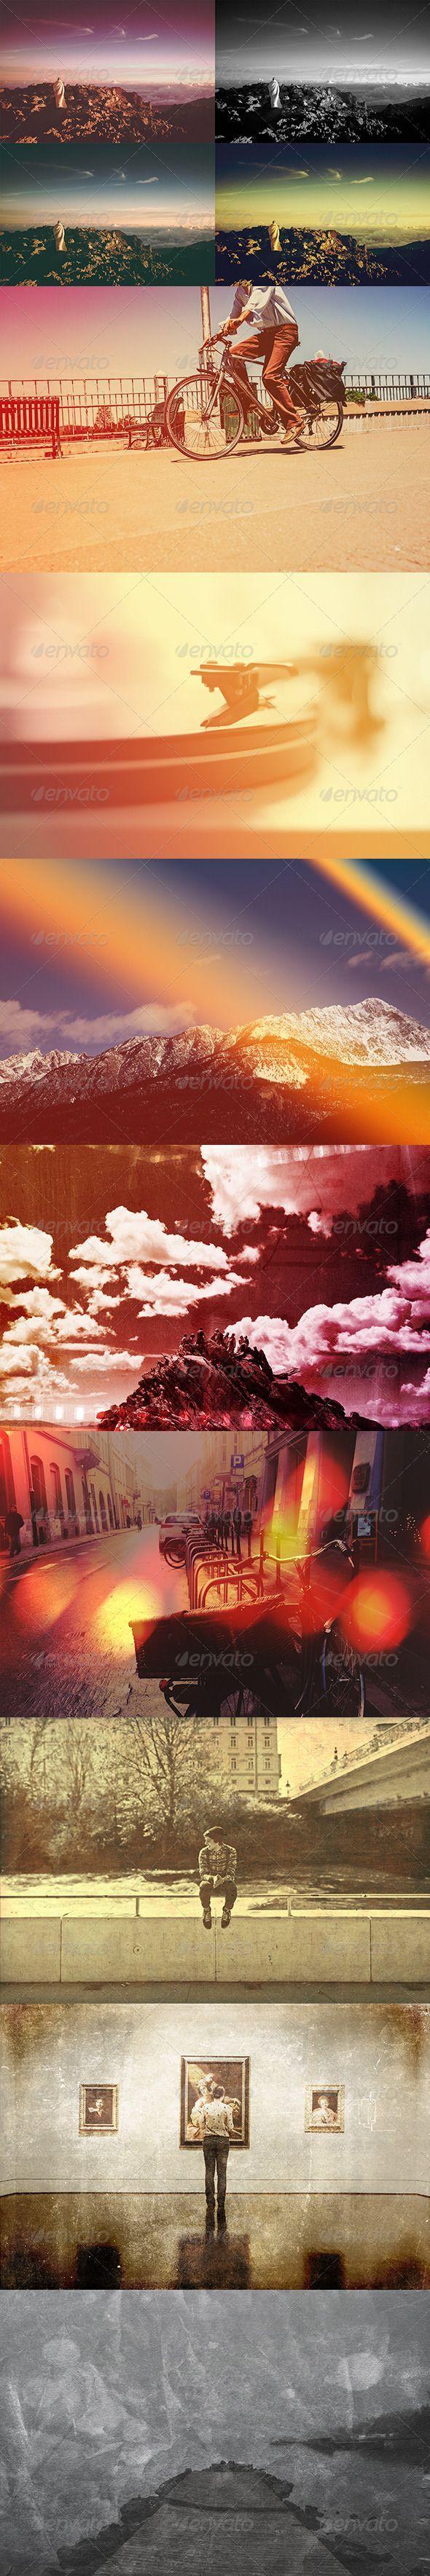 مجموعه گرافیکی باندل افکت نور و افکت فیلم رترو High light filter template